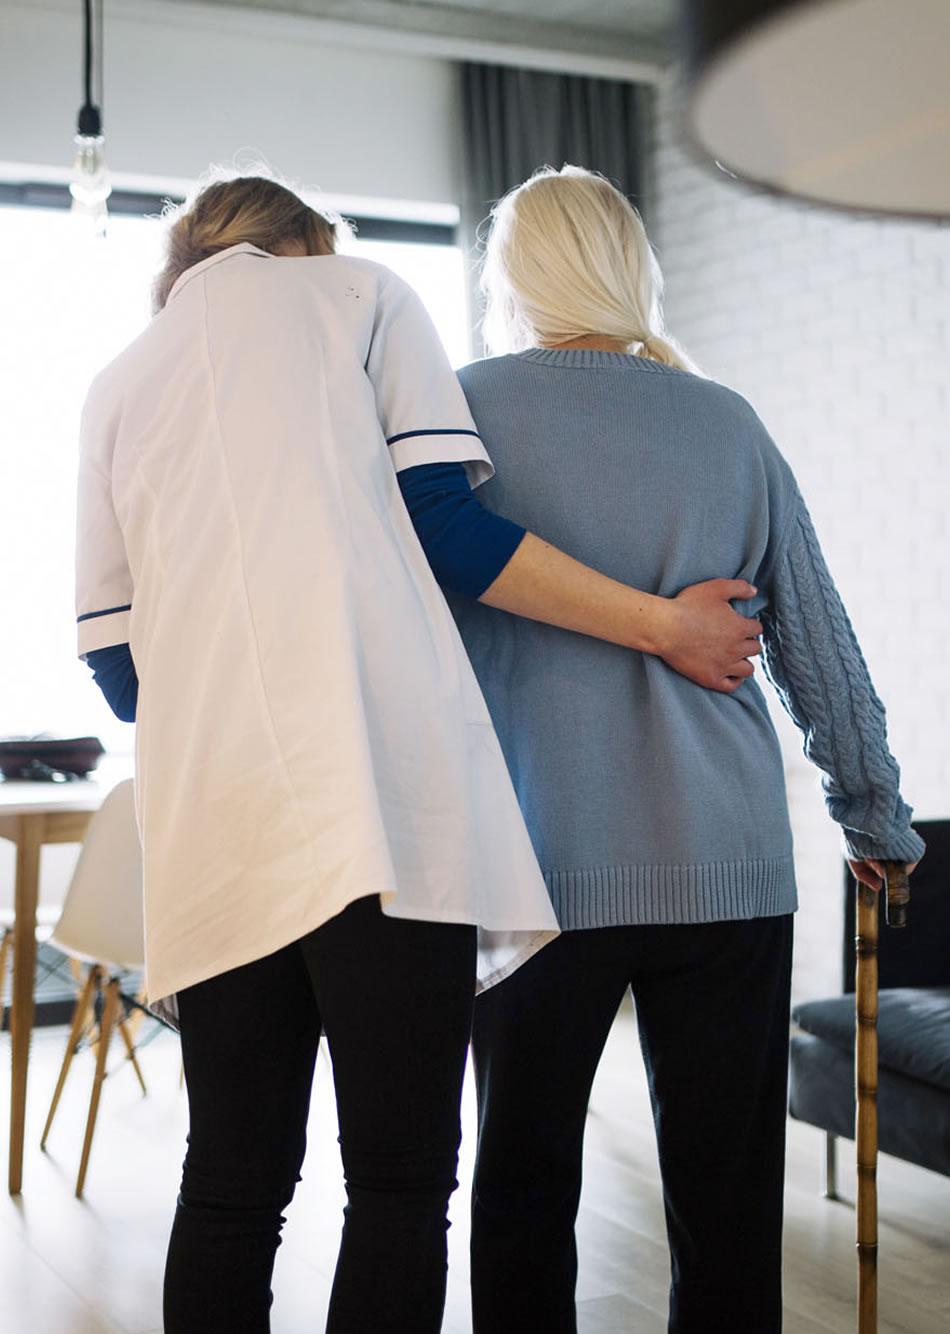 servicio de ayuda a domicilio en Vigo - asistencia a domicilio en Vigo - Ayuda a personas mayores